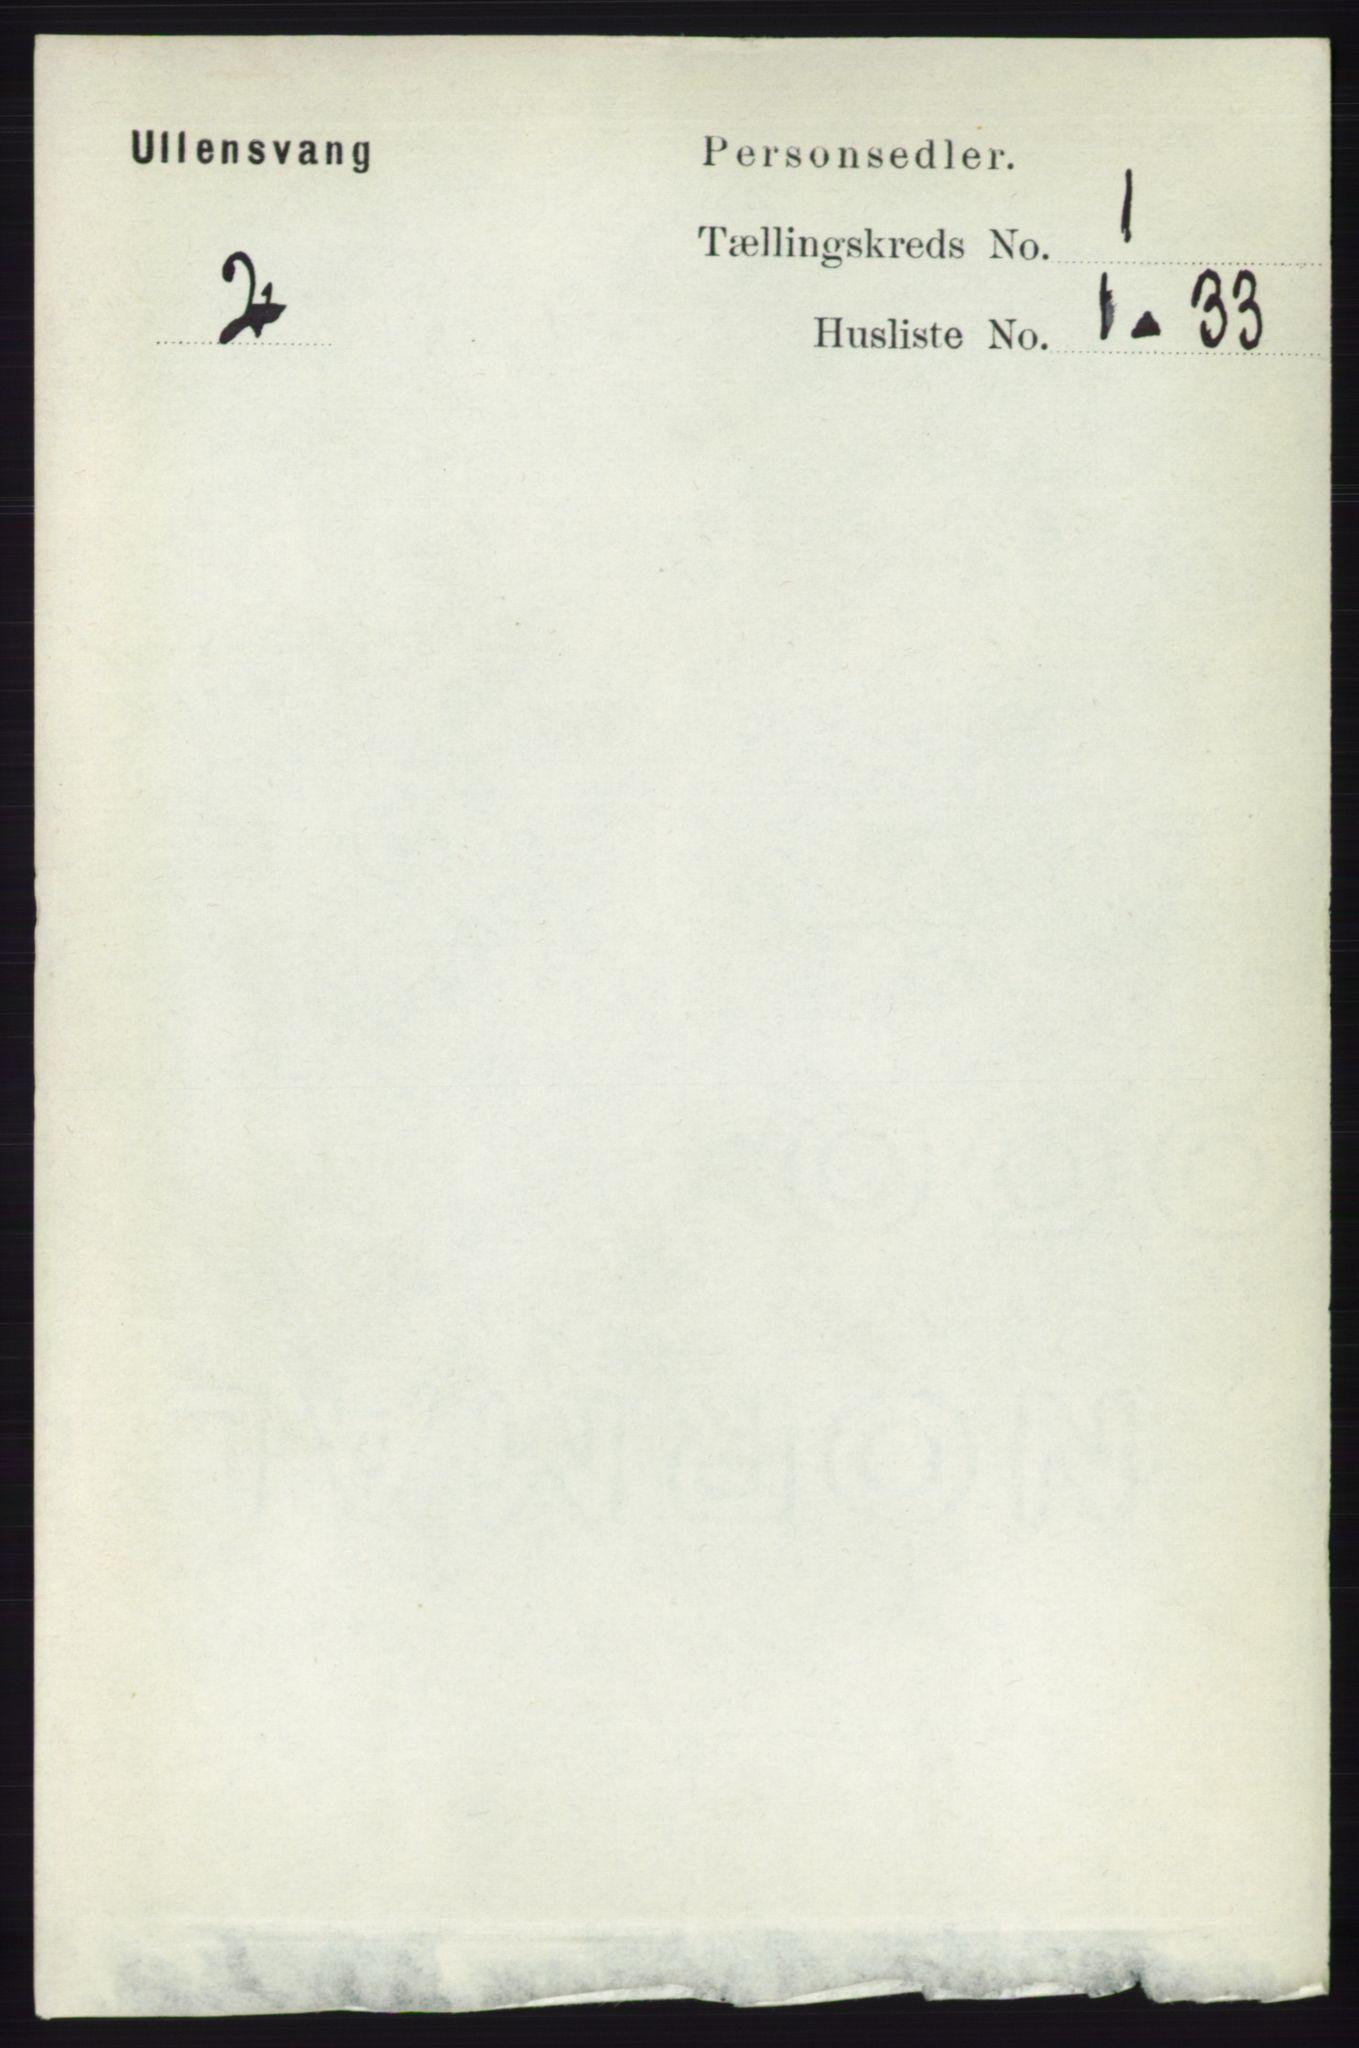 RA, Folketelling 1891 for 1230 Ullensvang herred, 1891, s. 78